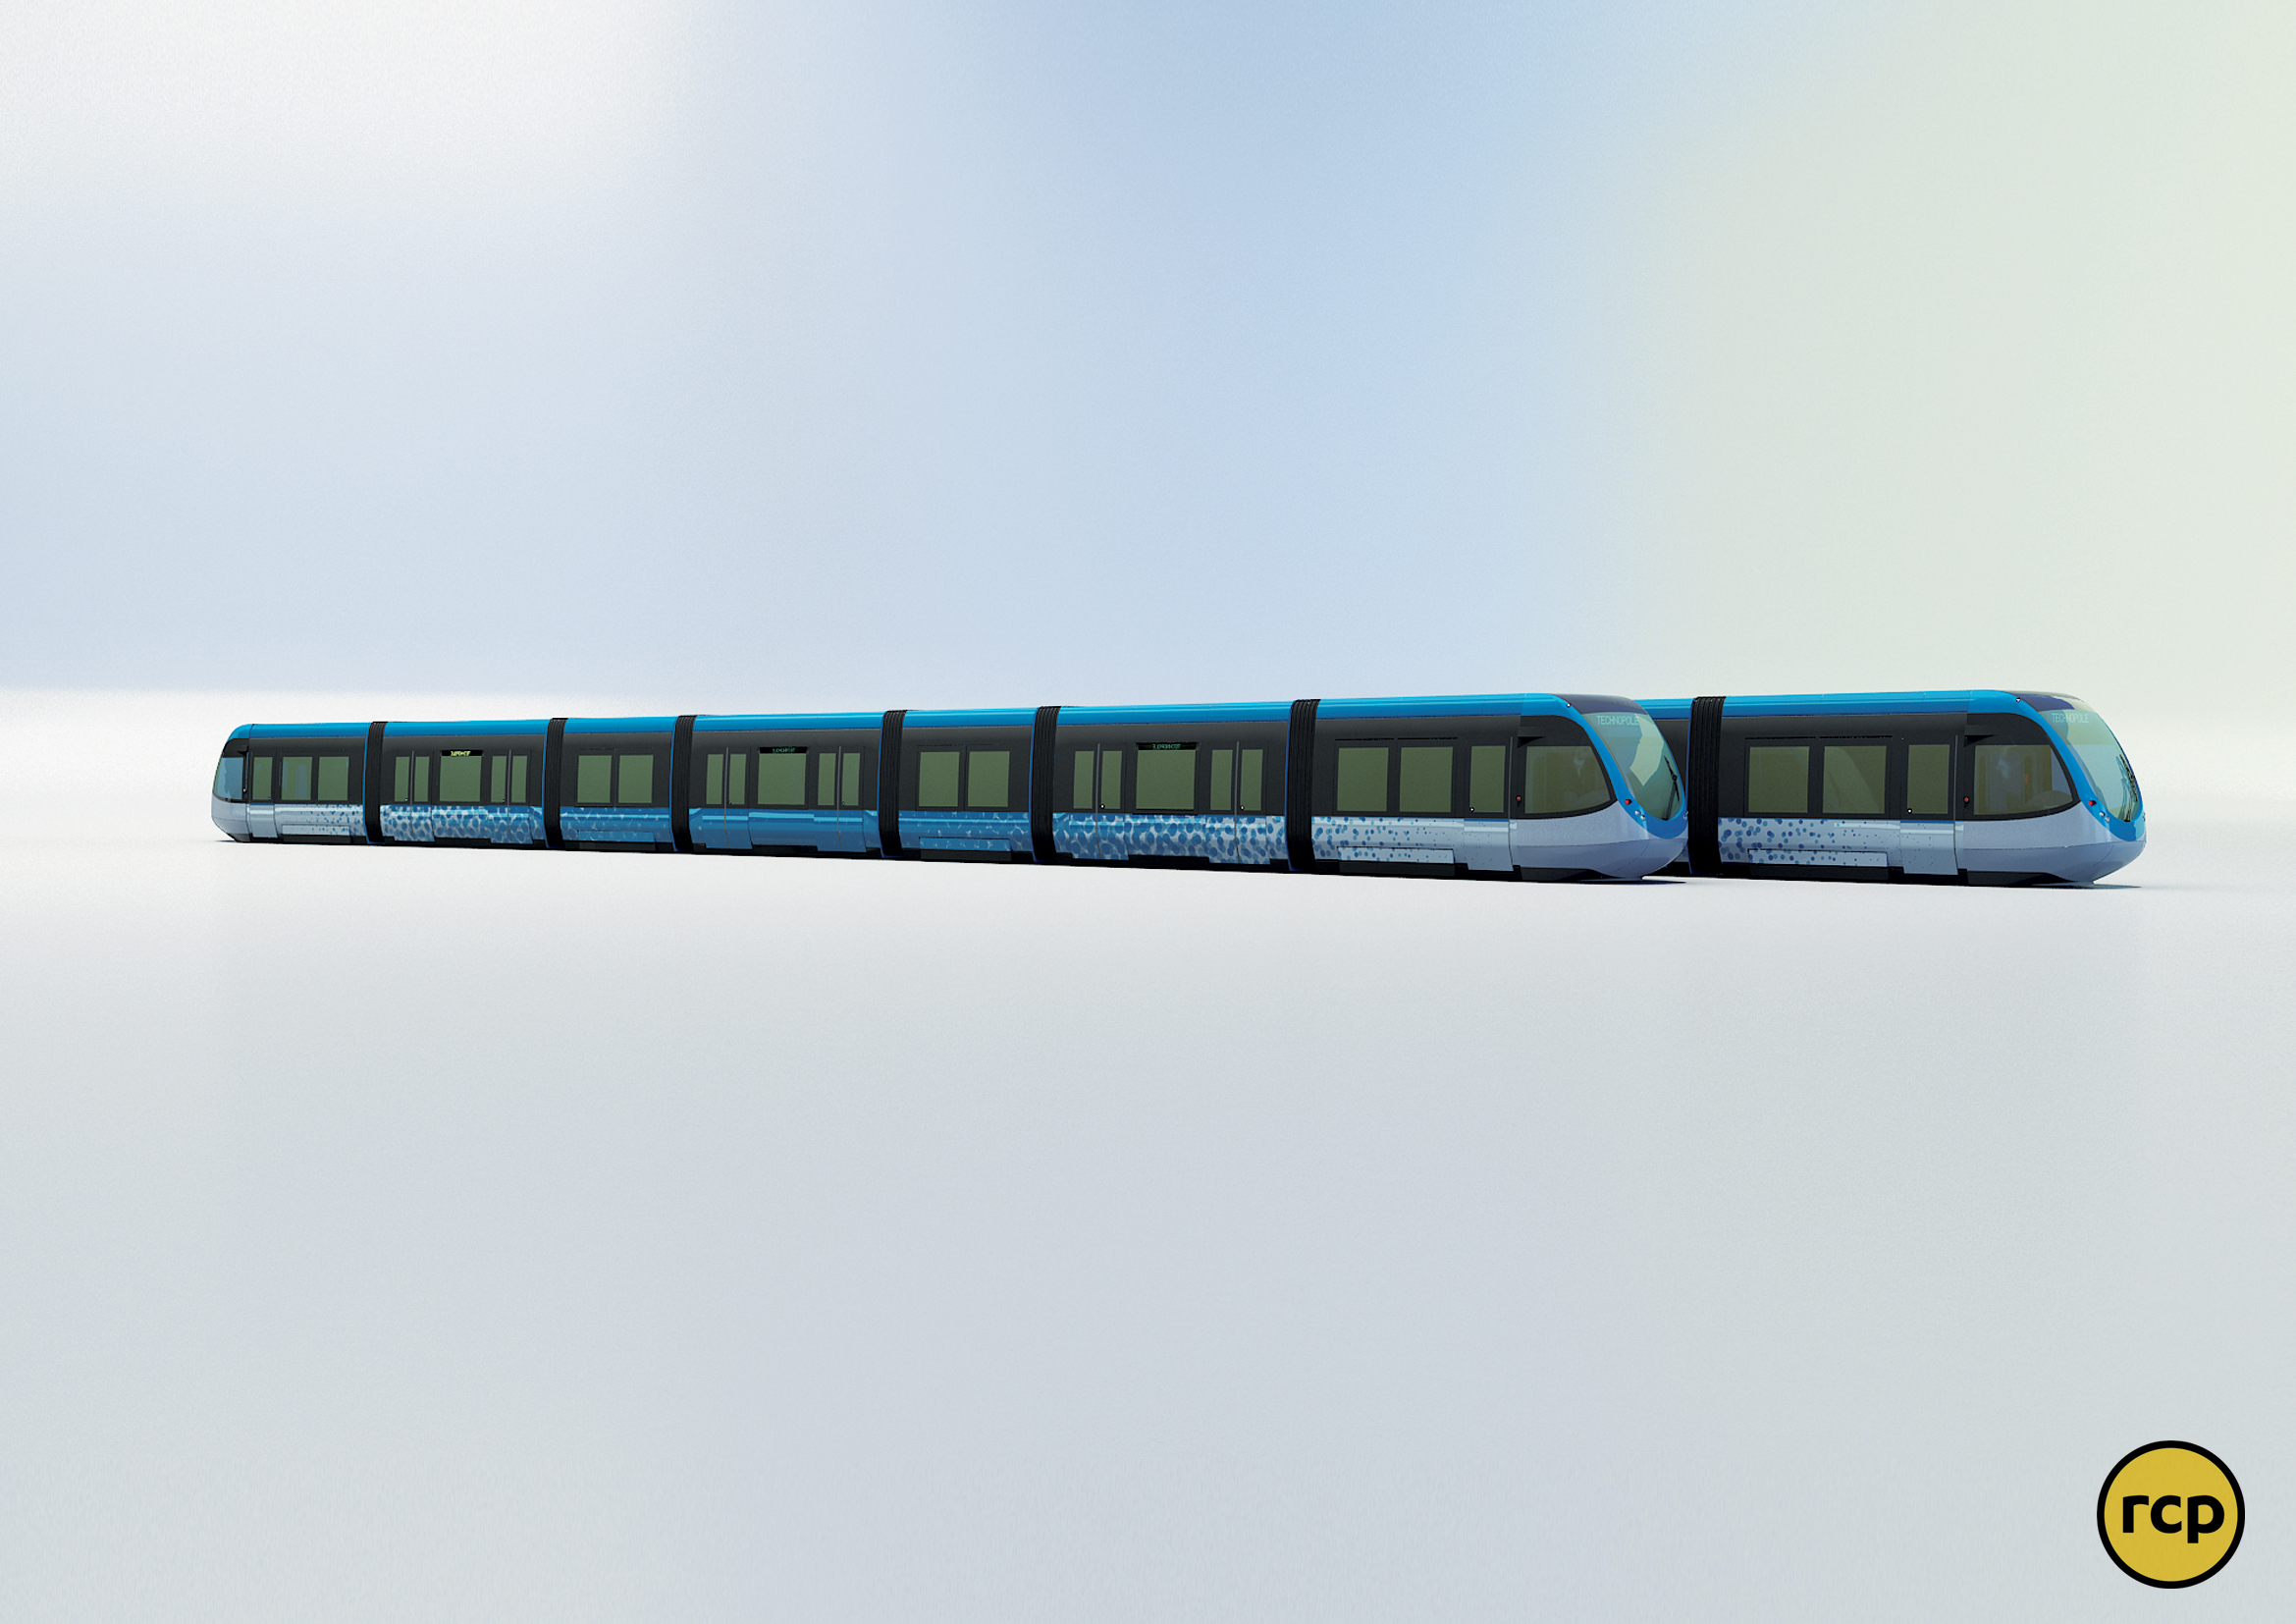 Dripmoon-archvis-graphiste3D-design-produits-images-3D-metro-rouen2